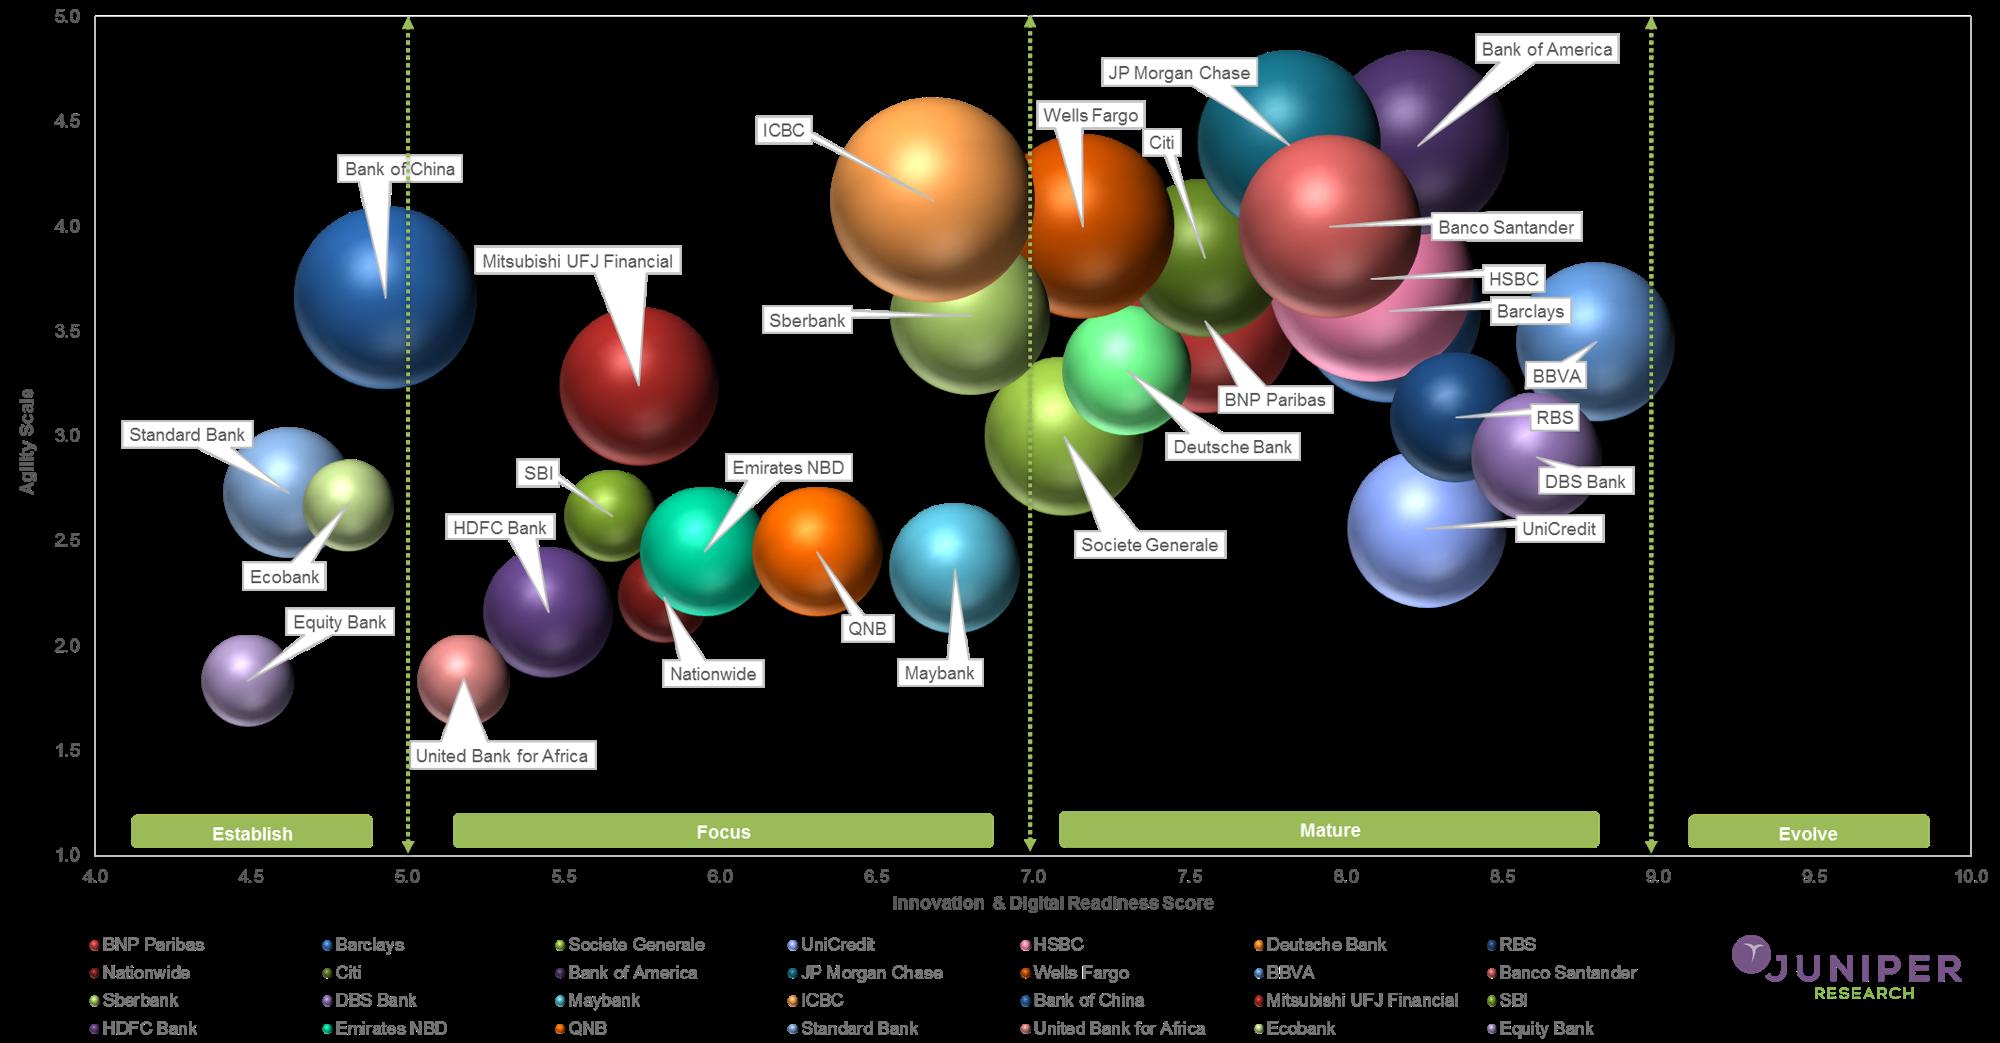 Infografik vergleicht Innovation und Digitalisierungsgrad von internationalen Banken